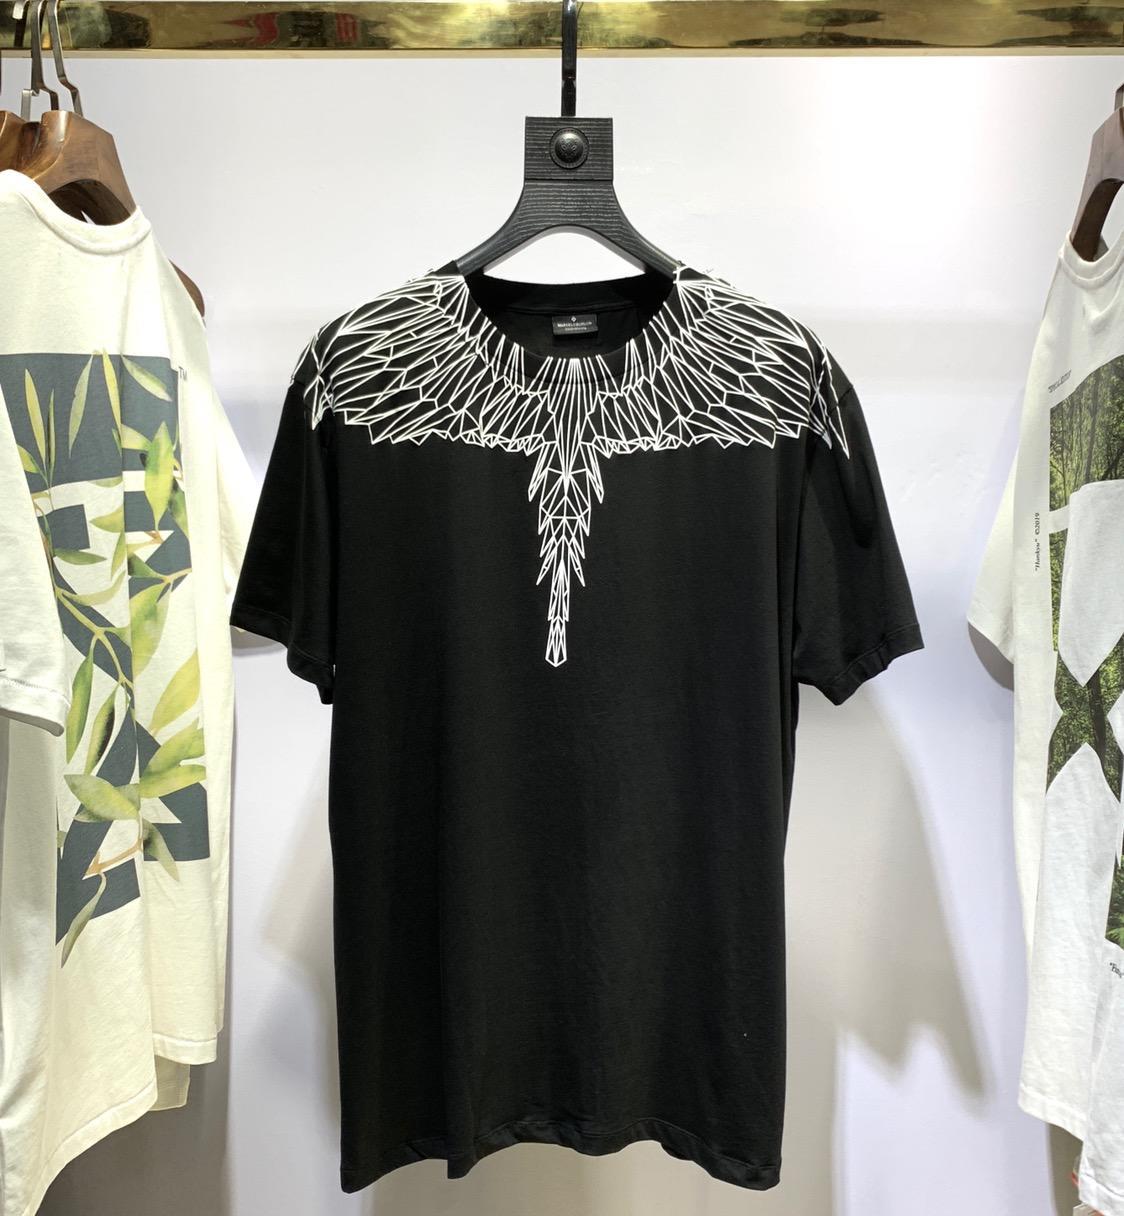 Meilleure qualité Marcelo Burlon T-shirt hommes femmes surdimensionné 1:1 italie marque plumes ailes MB T-shirt Marcelo Burlon T-shirt